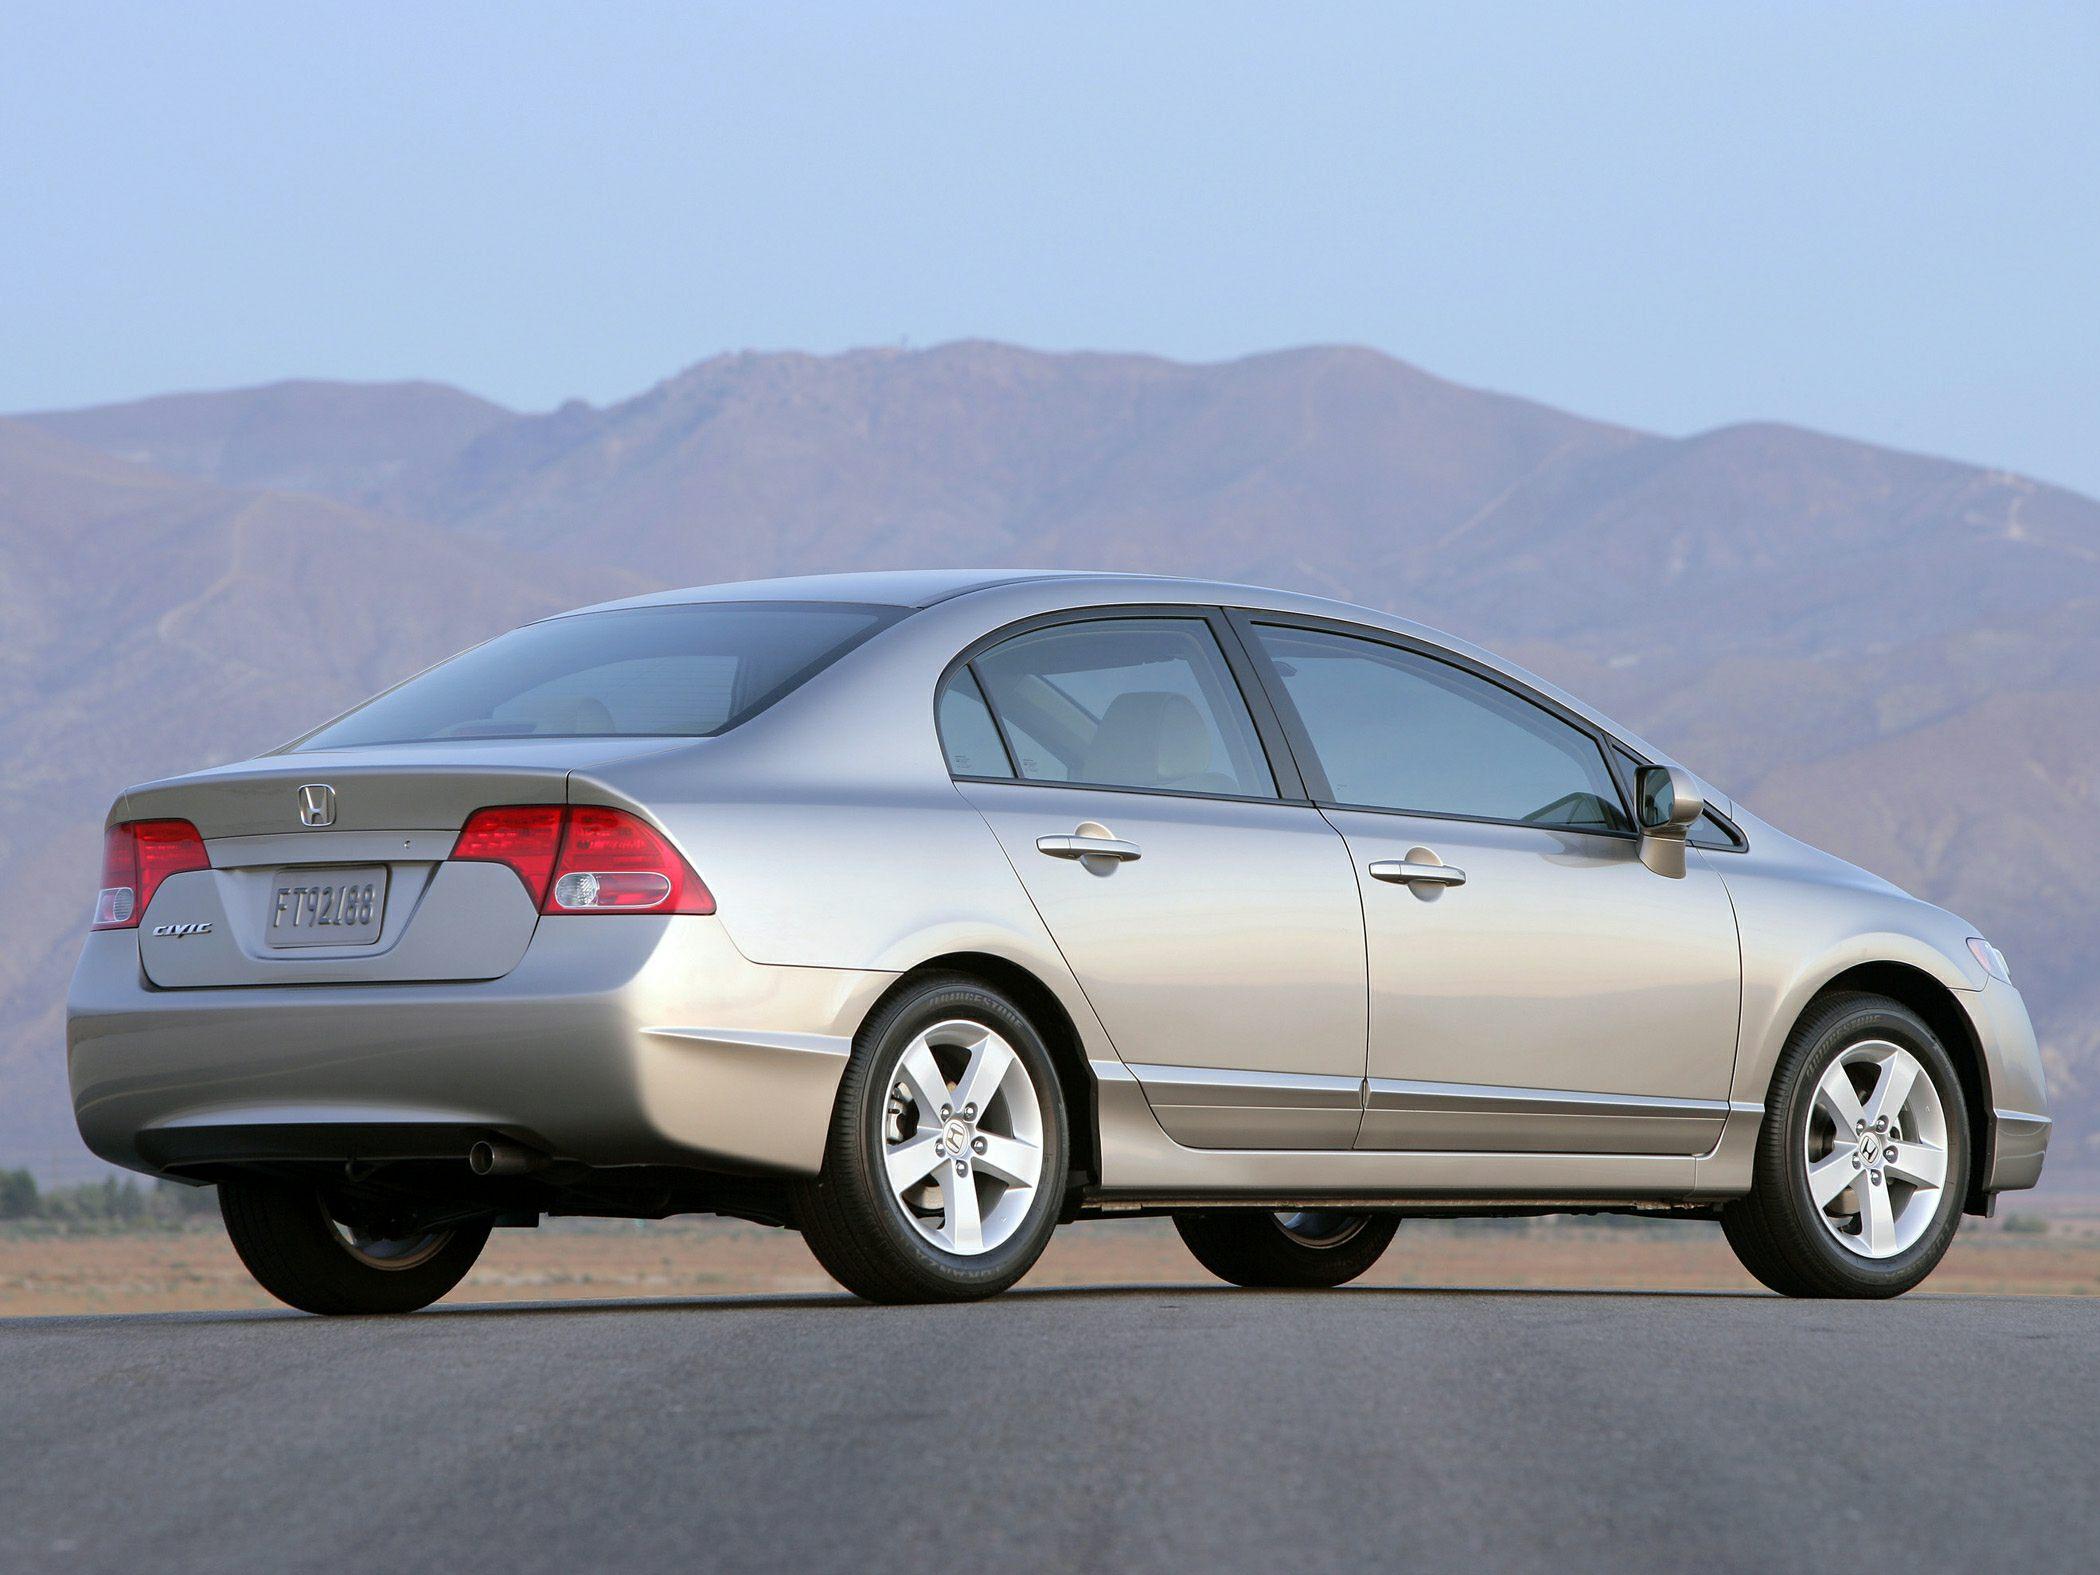 2006 honda civic gx 4dr sedan pictures for Honda civic gx